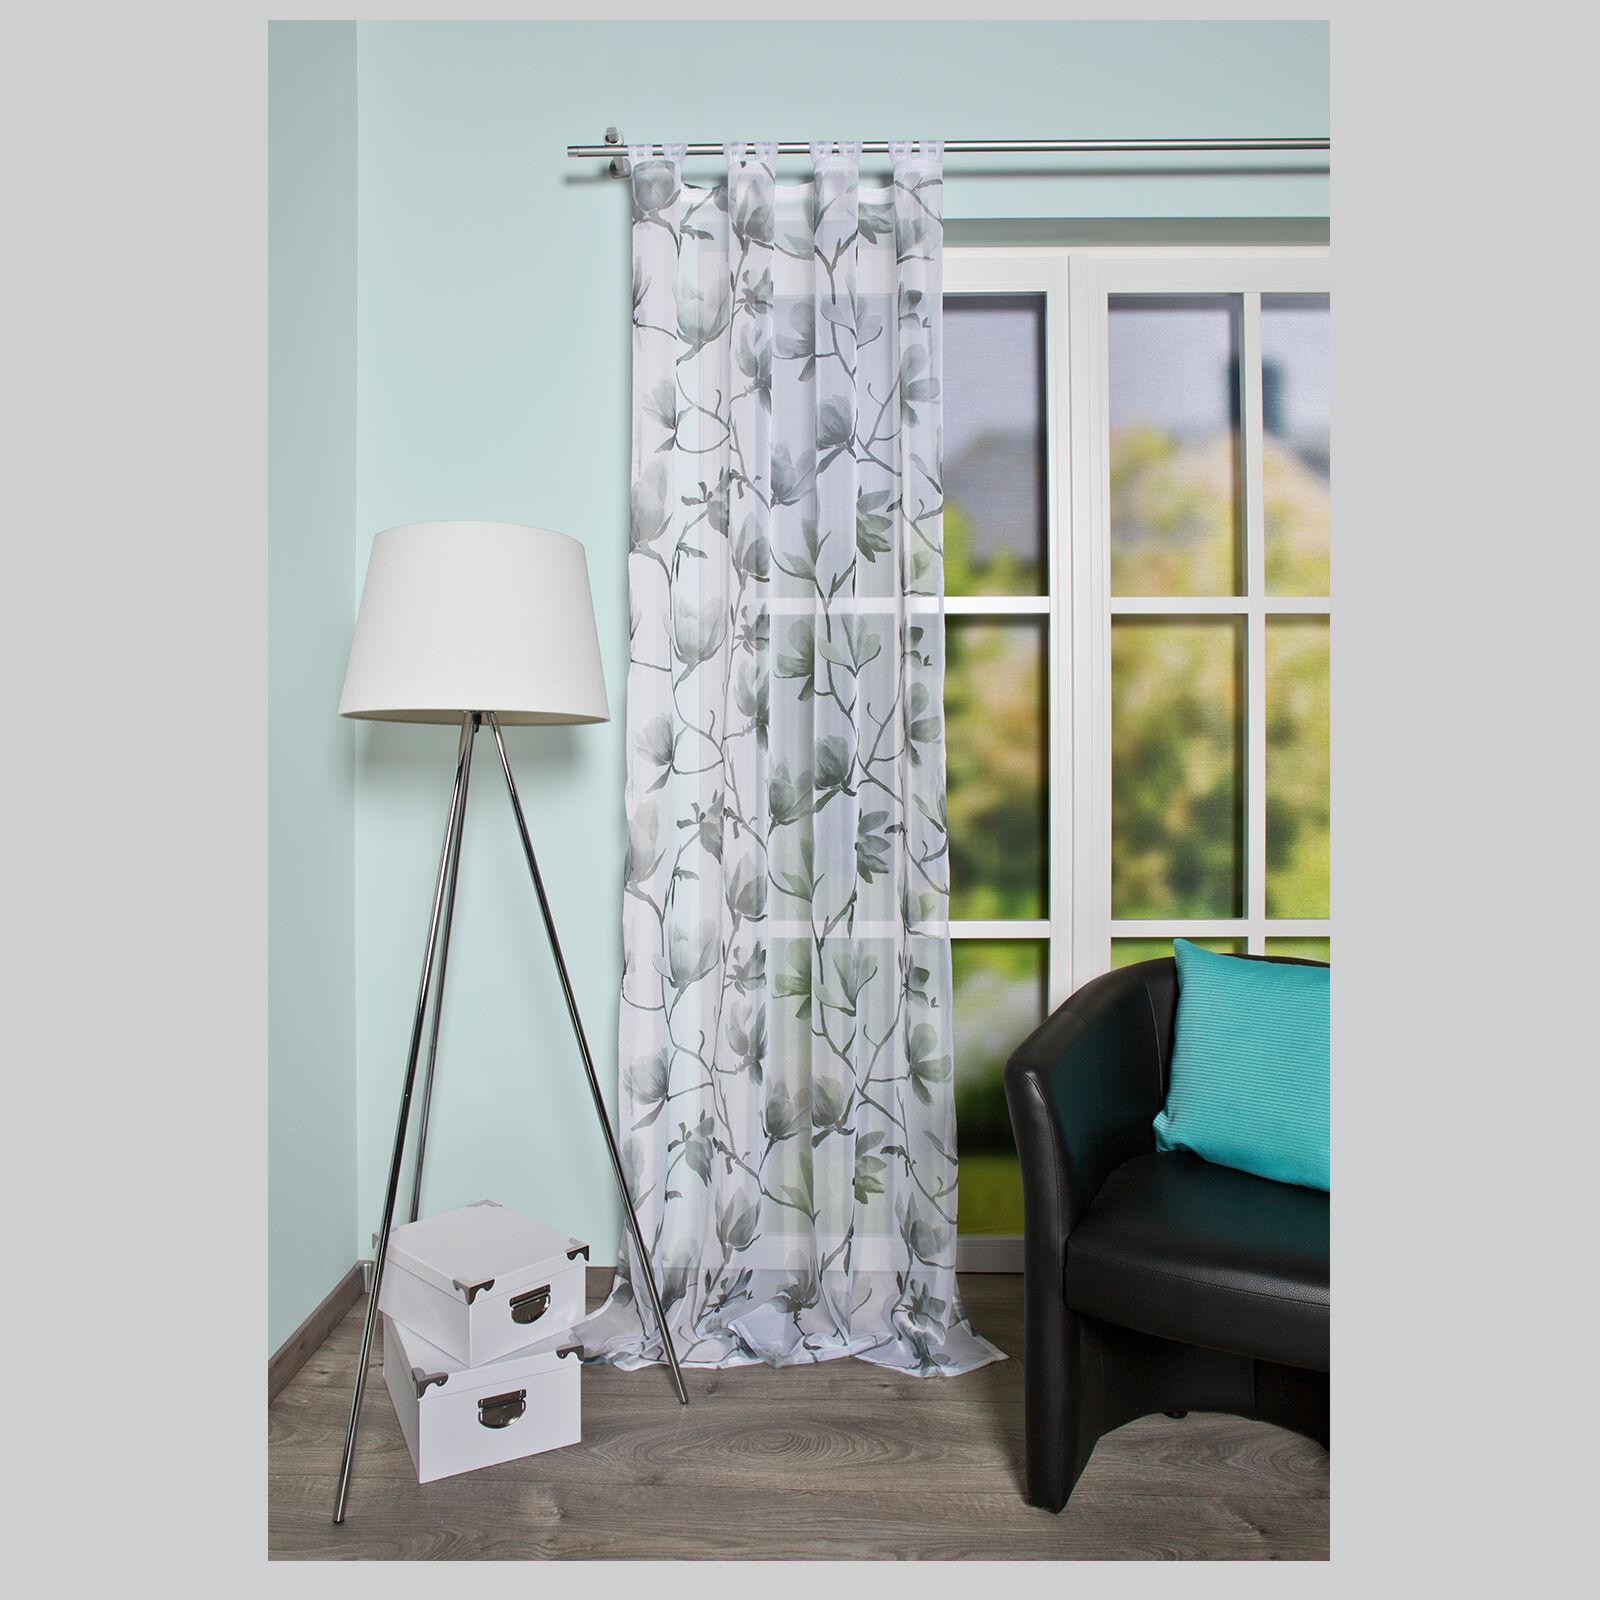 Magnolie blume bl te schlaufenschal gardine vorhang for Schlaufenvorhang kinderzimmer